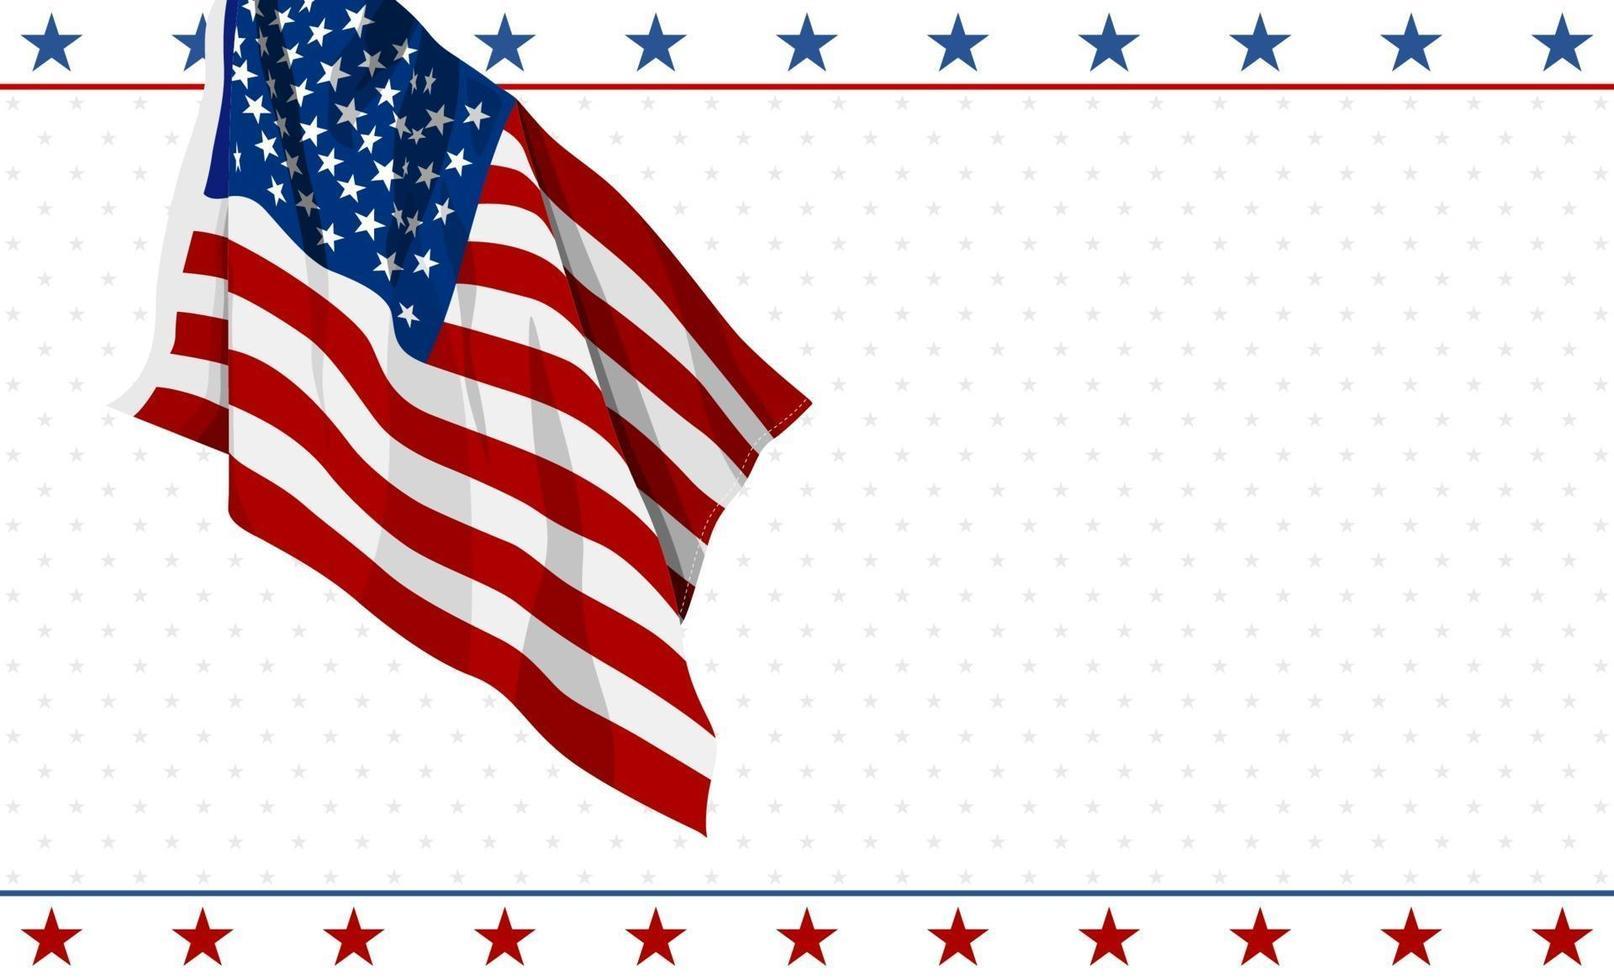 conception de drapeau américain sur fond blanc 4 juillet usa illustration vectorielle de fête de l'indépendance bannière vecteur